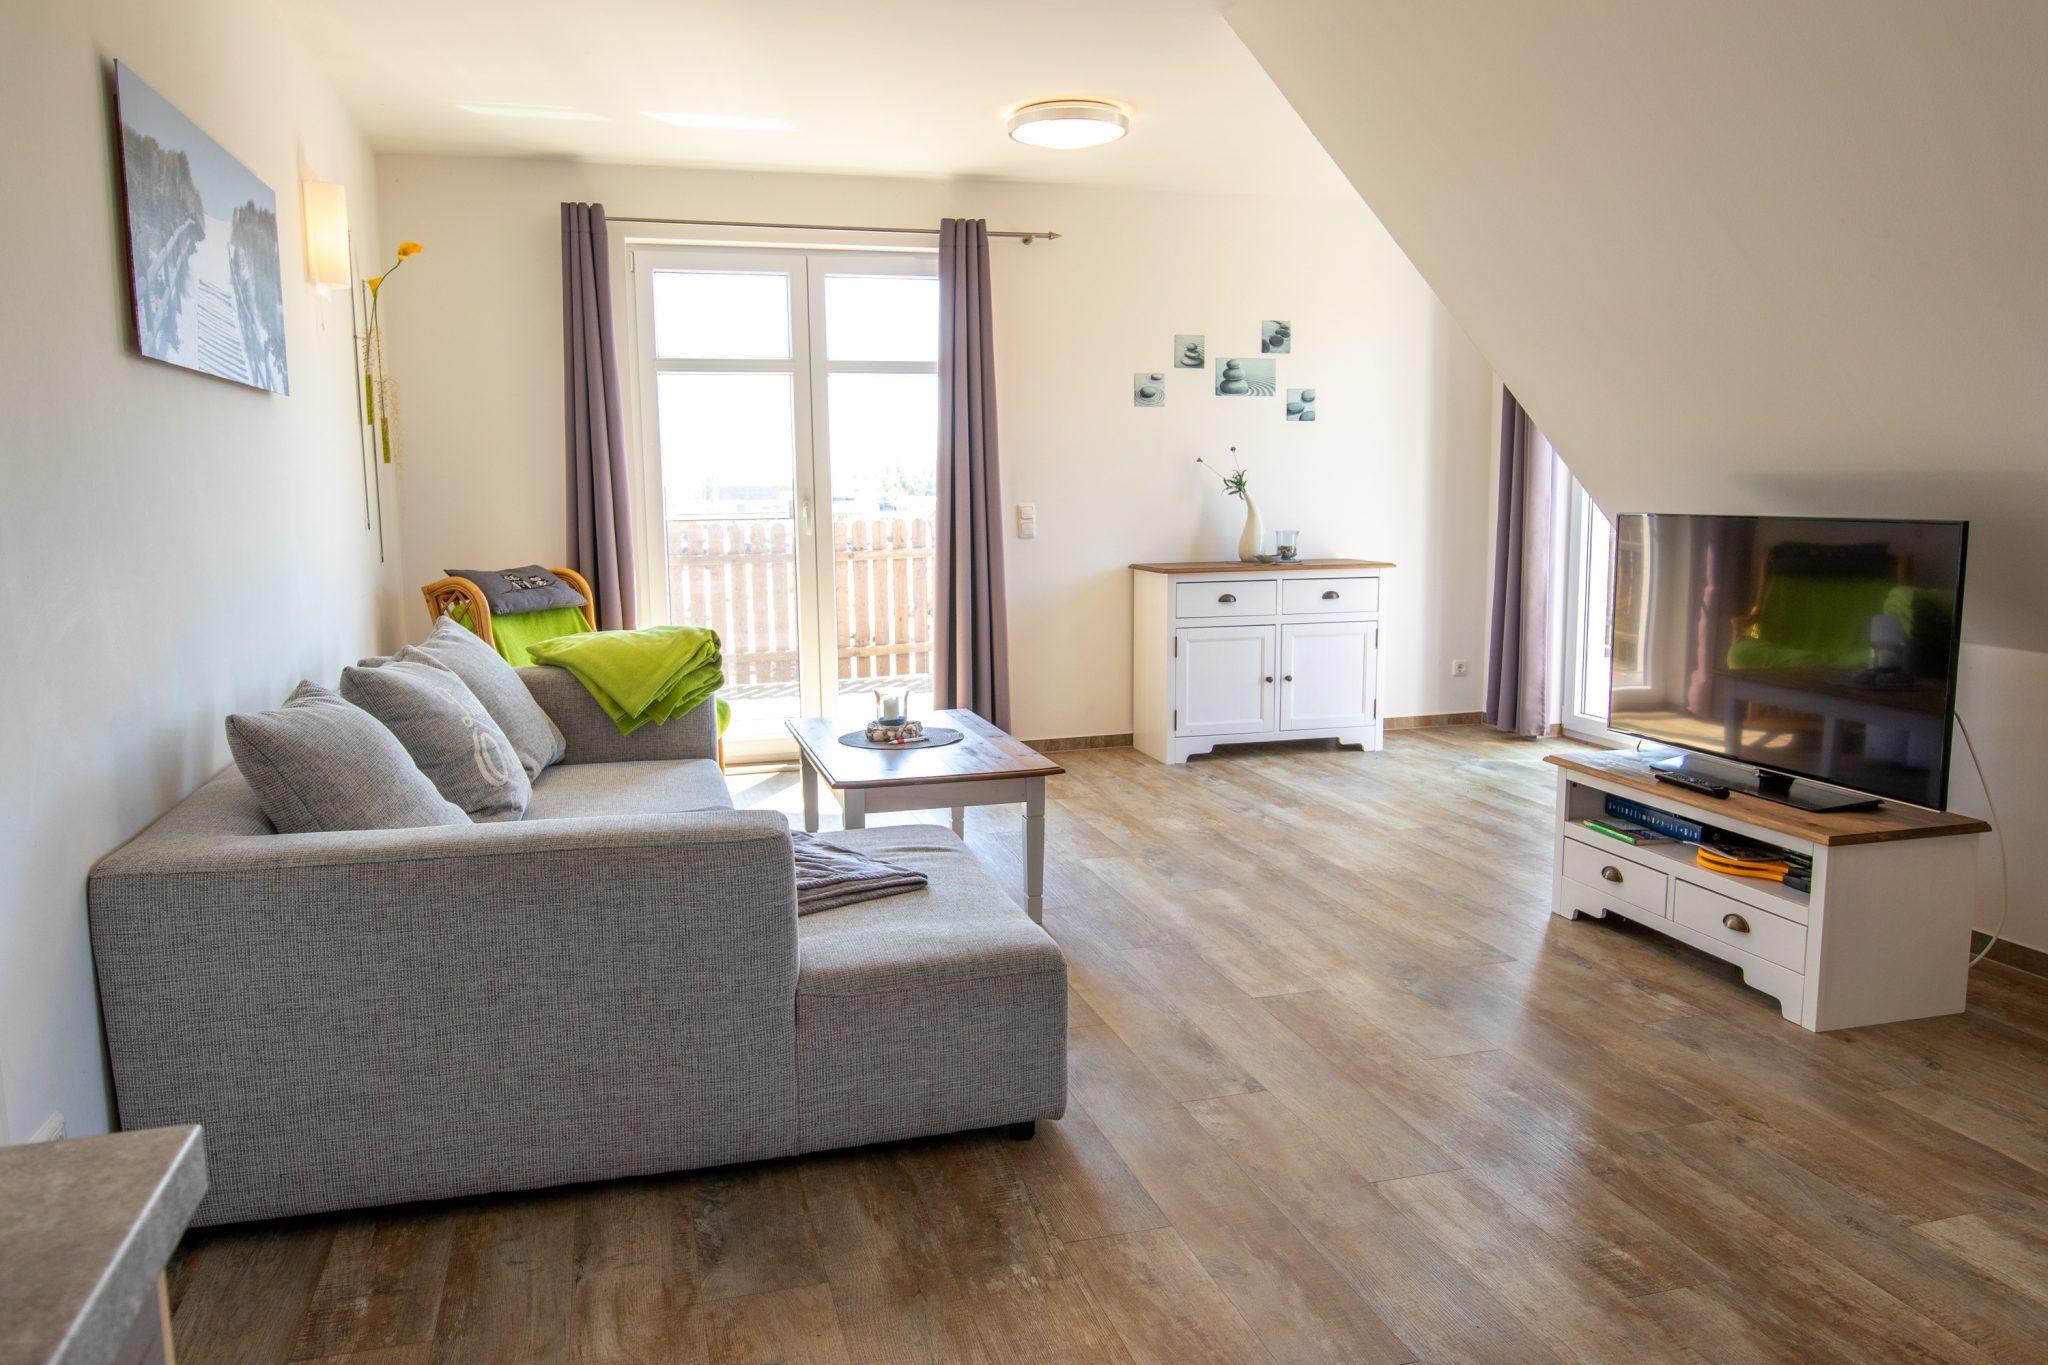 Ferienwohnung OG - Wohnzimmer mit TV